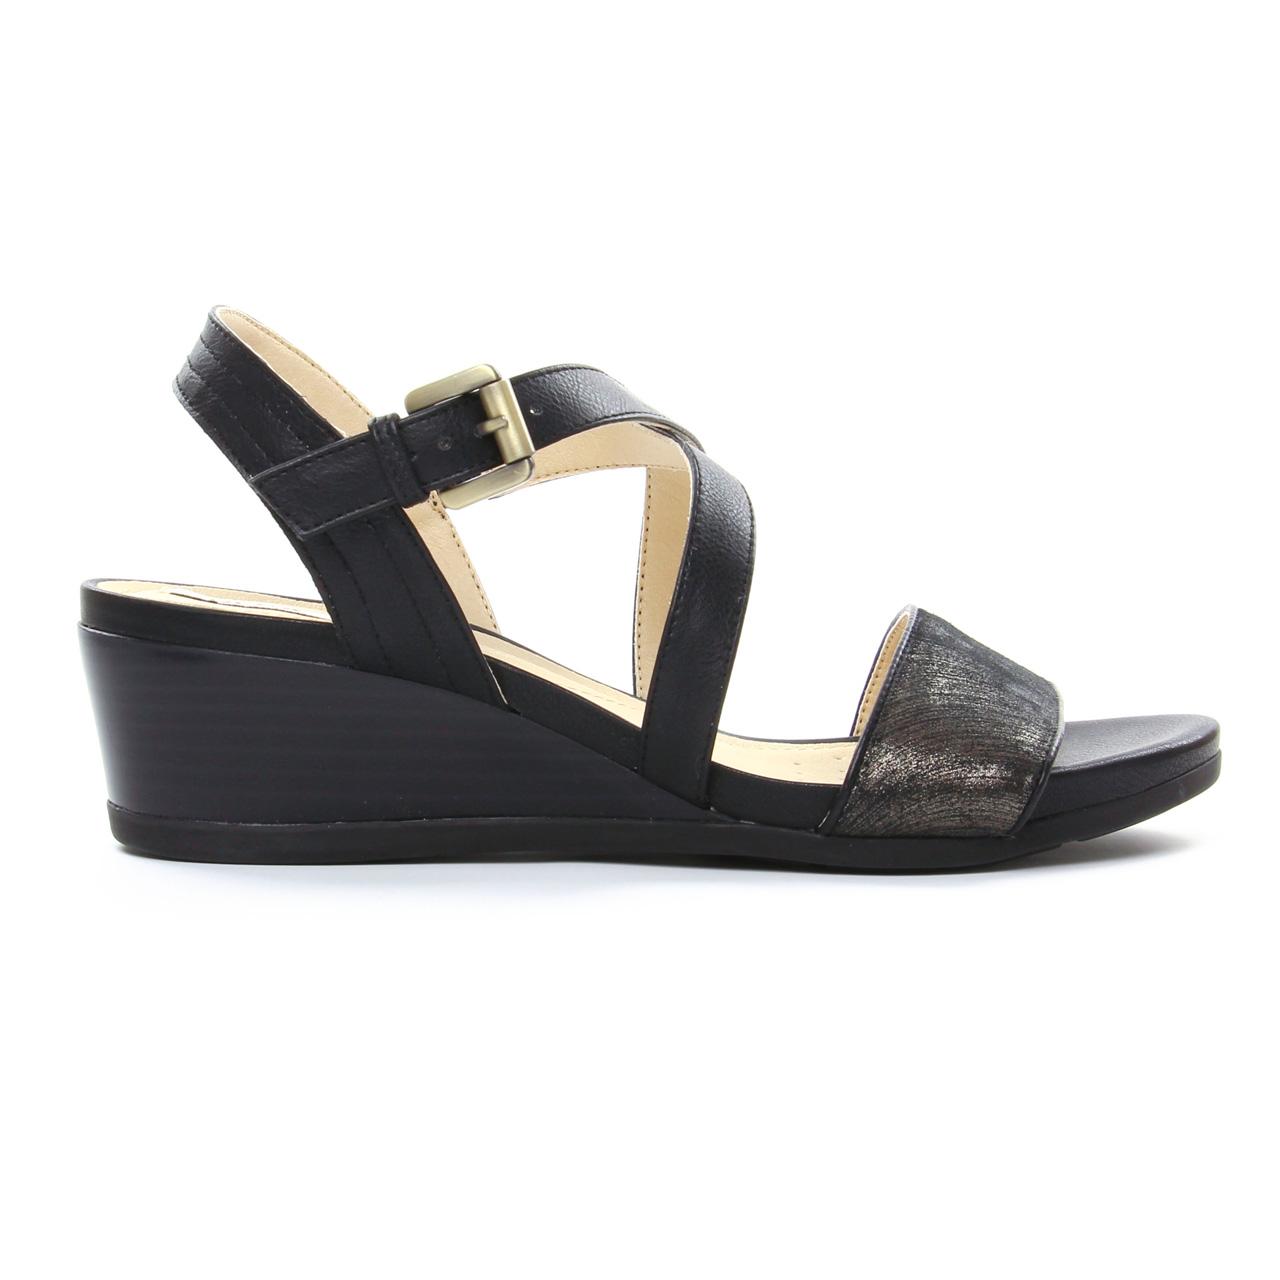 Geox D828Qa Black | nu pied compensés noir bronze printemps